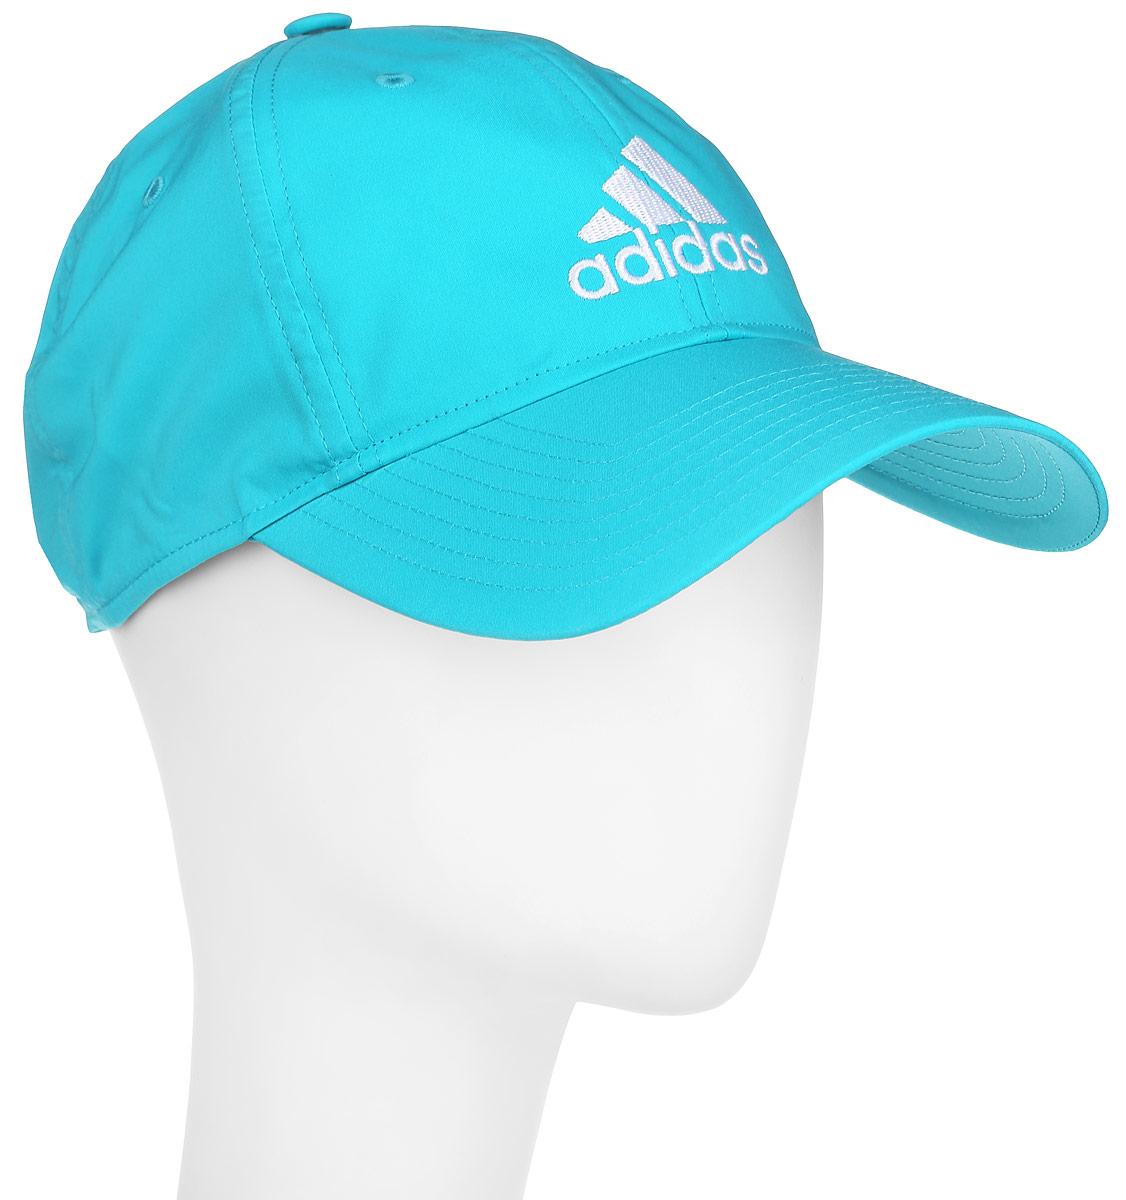 Бейсболка Perf Cap Logo. AJ9215AJ9215Стильная бейсболка Adidas Perf Cap Logo, выполненная из высококачественных материалов, идеально подойдет для прогулок, занятий спортом и отдыха. Изделие оформлено вышитым логотипом бренда. Классическая кепка, объем которой регулируется металлическим фиксатором, станет правильным выбором. Ничто не говорит о настоящем любителе путешествий больше, чем любимая кепка. Эта модель станет отличным аксессуаром и дополнит ваш повседневный образ.